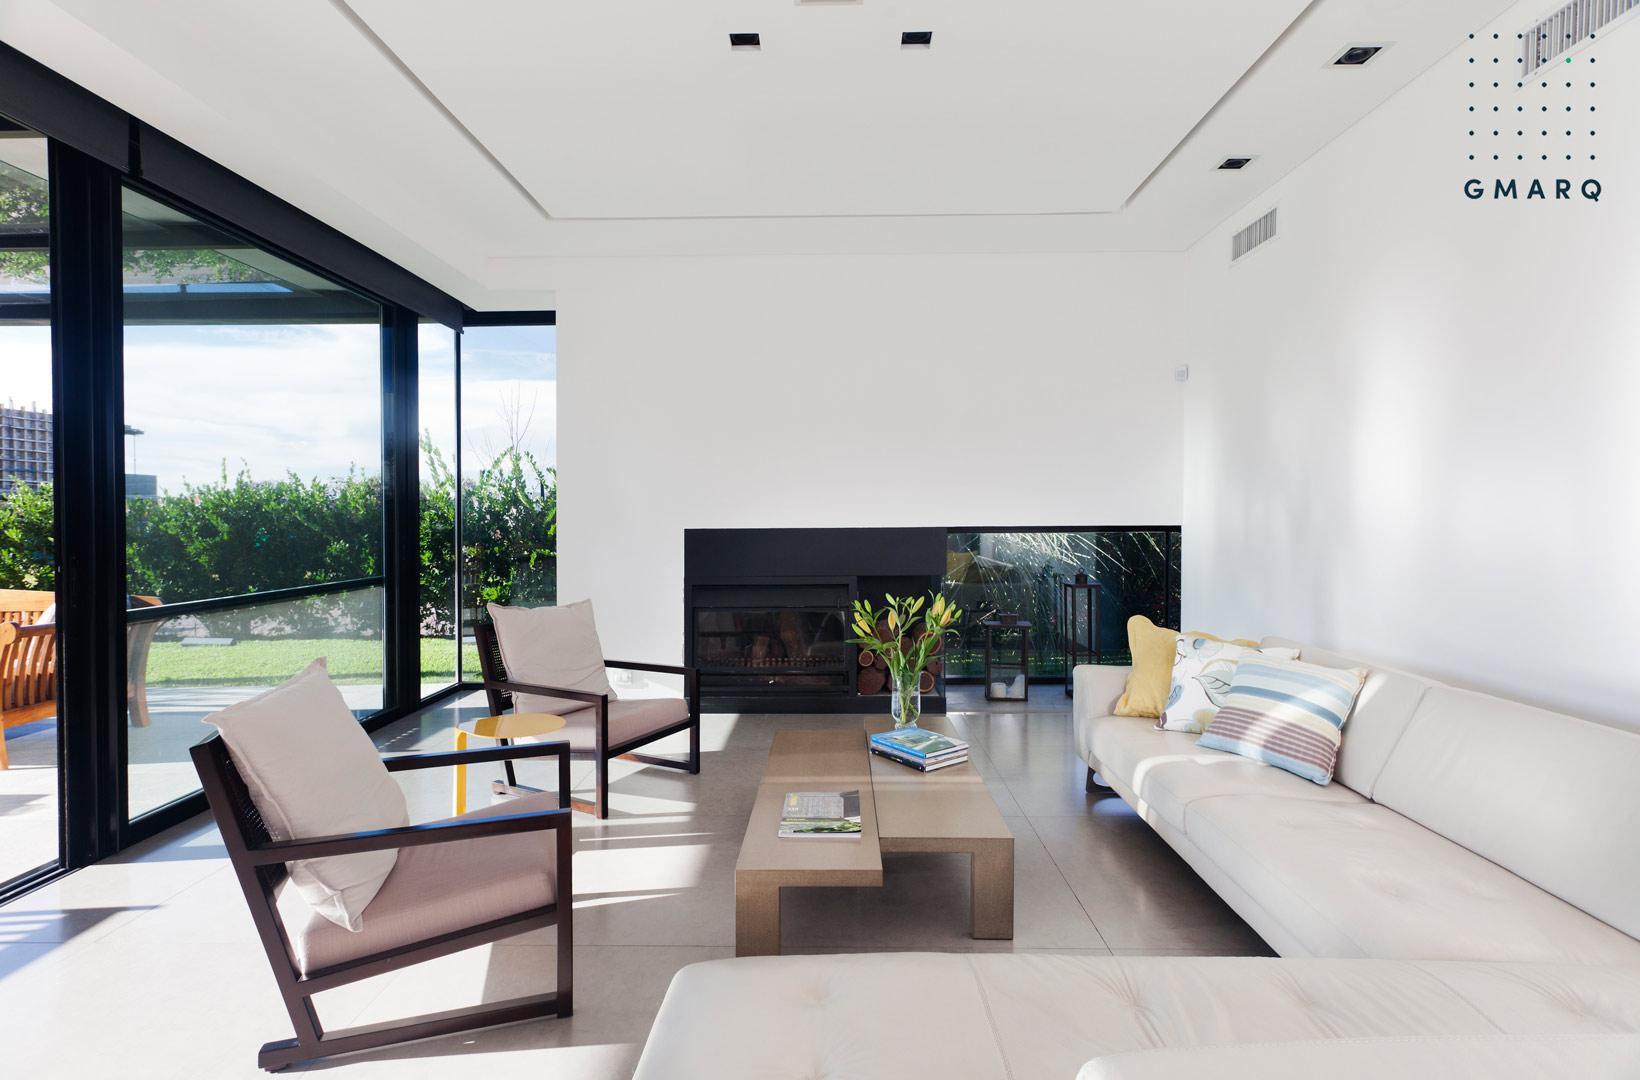 Estudio gmarq casa a estilo racionalista portal de - Estudio de arquitectos ...